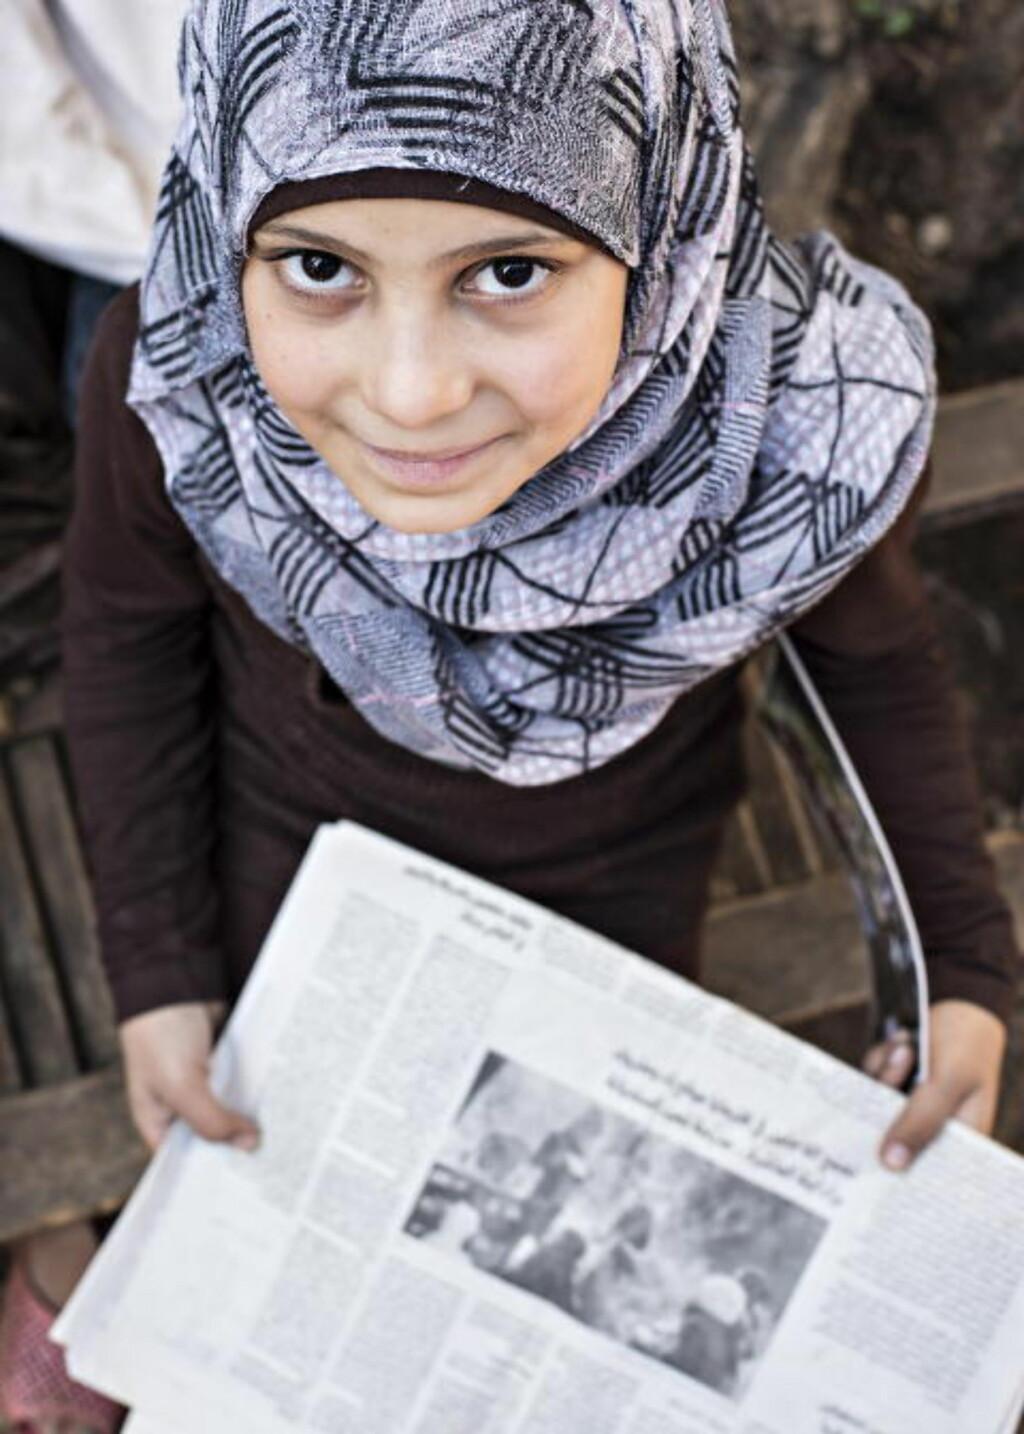 STOLT:  Baraa (10) viser stolt fram avisa som skrev om henne for tre år siden, da Baraa (den gang sju år) startet skole for sine medflyktning-barn, under et tre.    Foto: Hans Arne Vedlog / Dagbladet